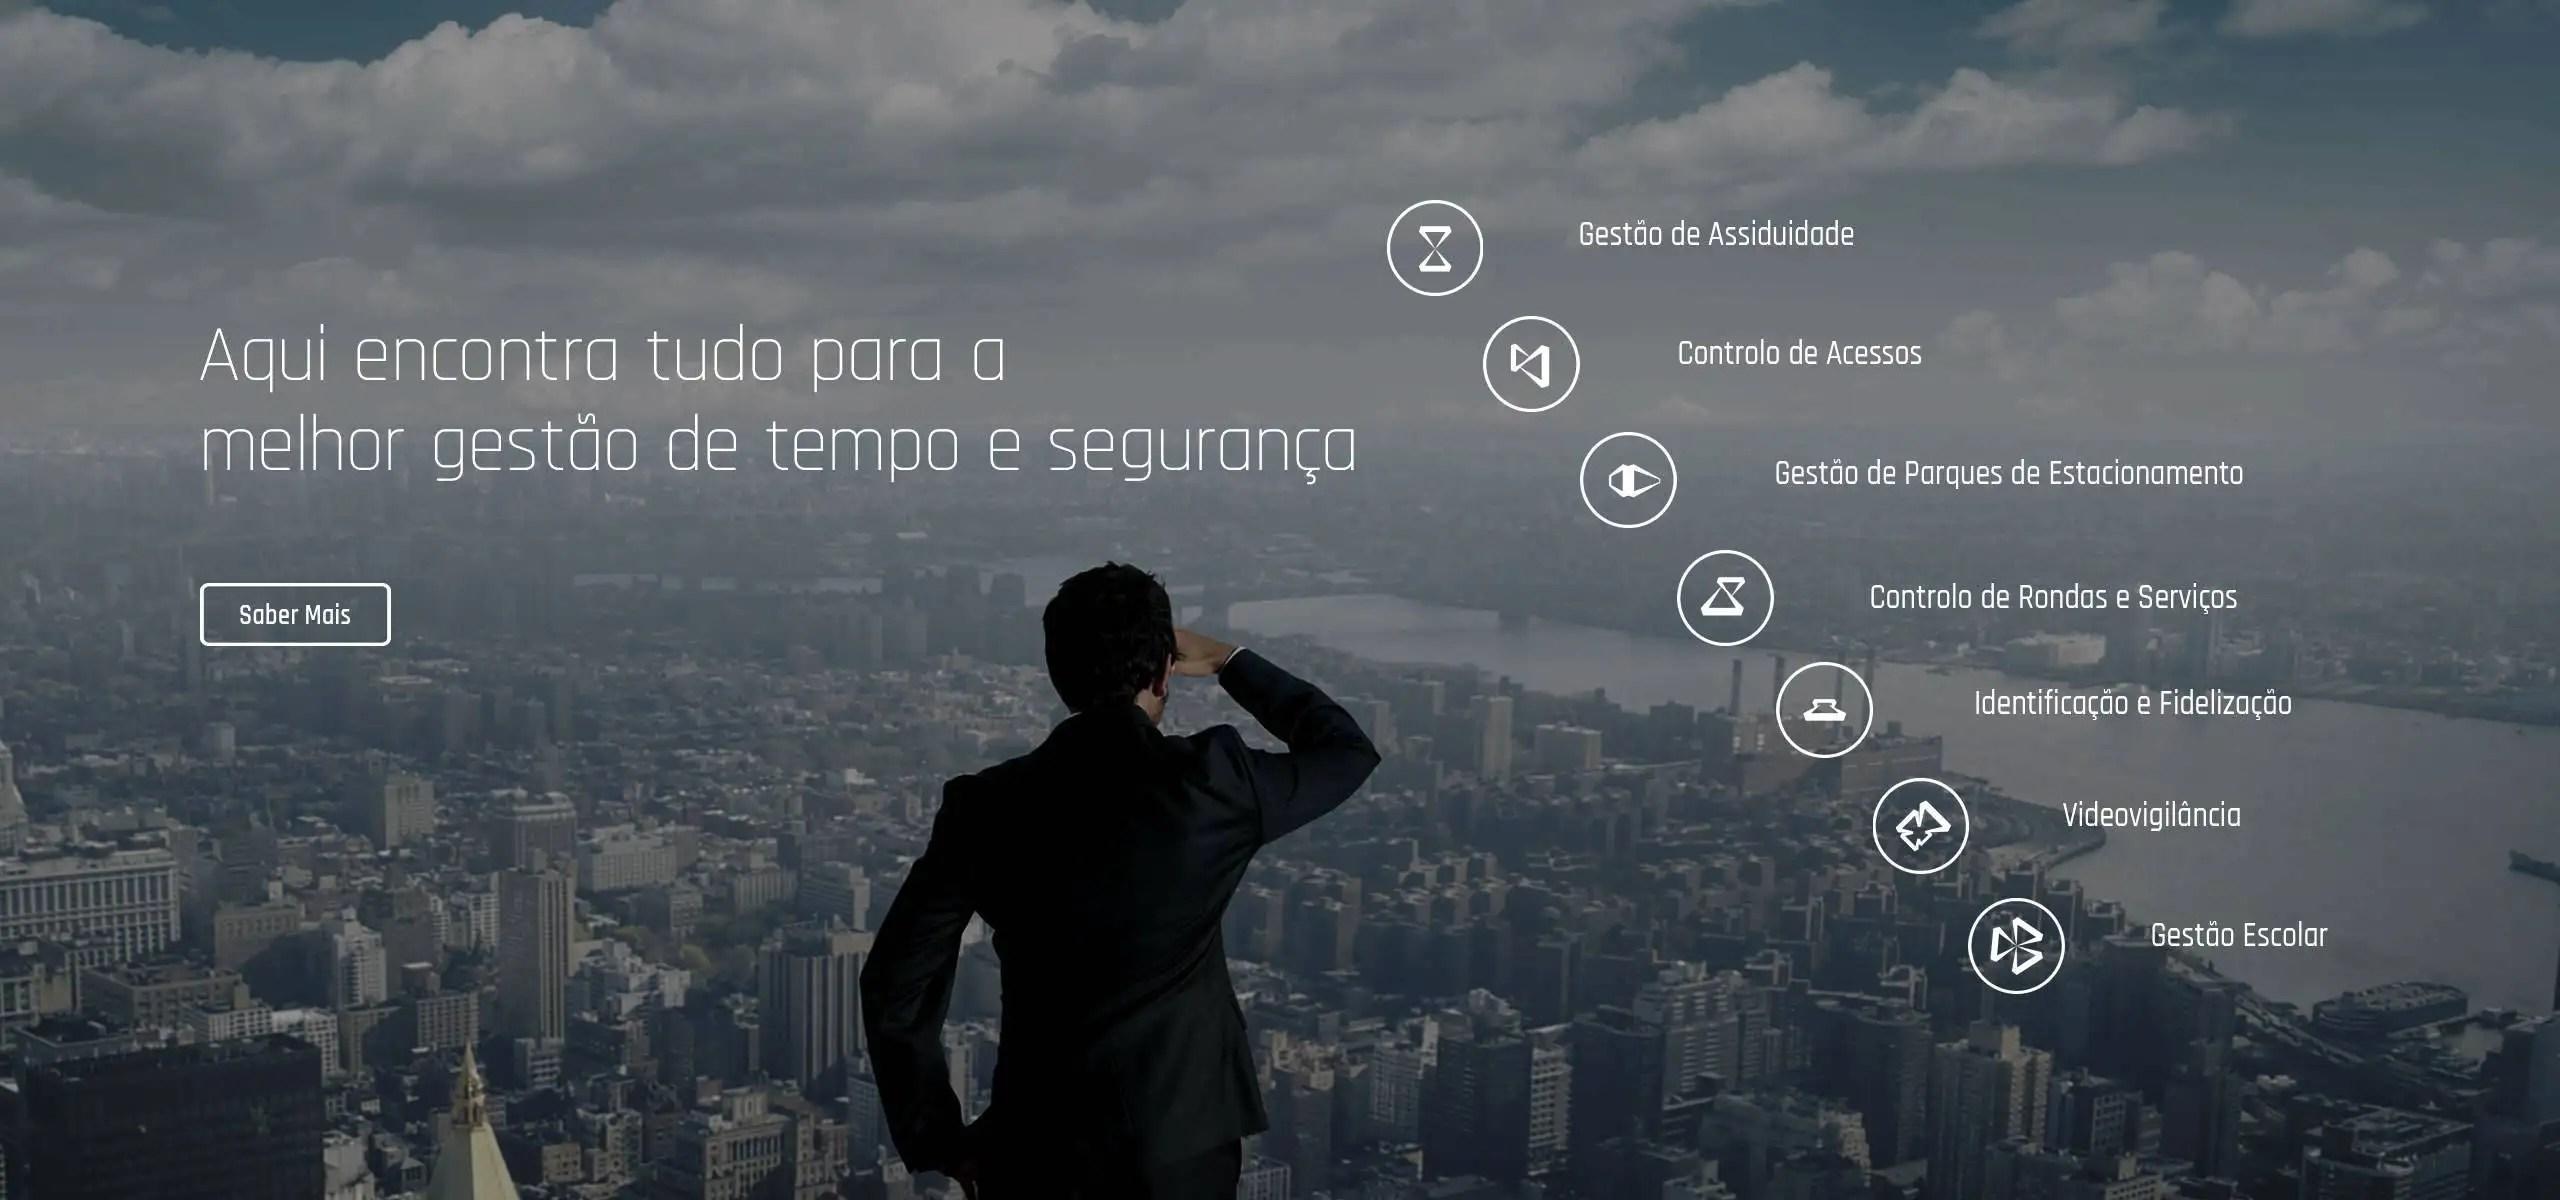 Software de Gestão e Controlo Empresarial   Controlo de Assiduidade   Controlo de Acessos   Videovigilância   Torniquetes   Parques   Soluções IDONIC